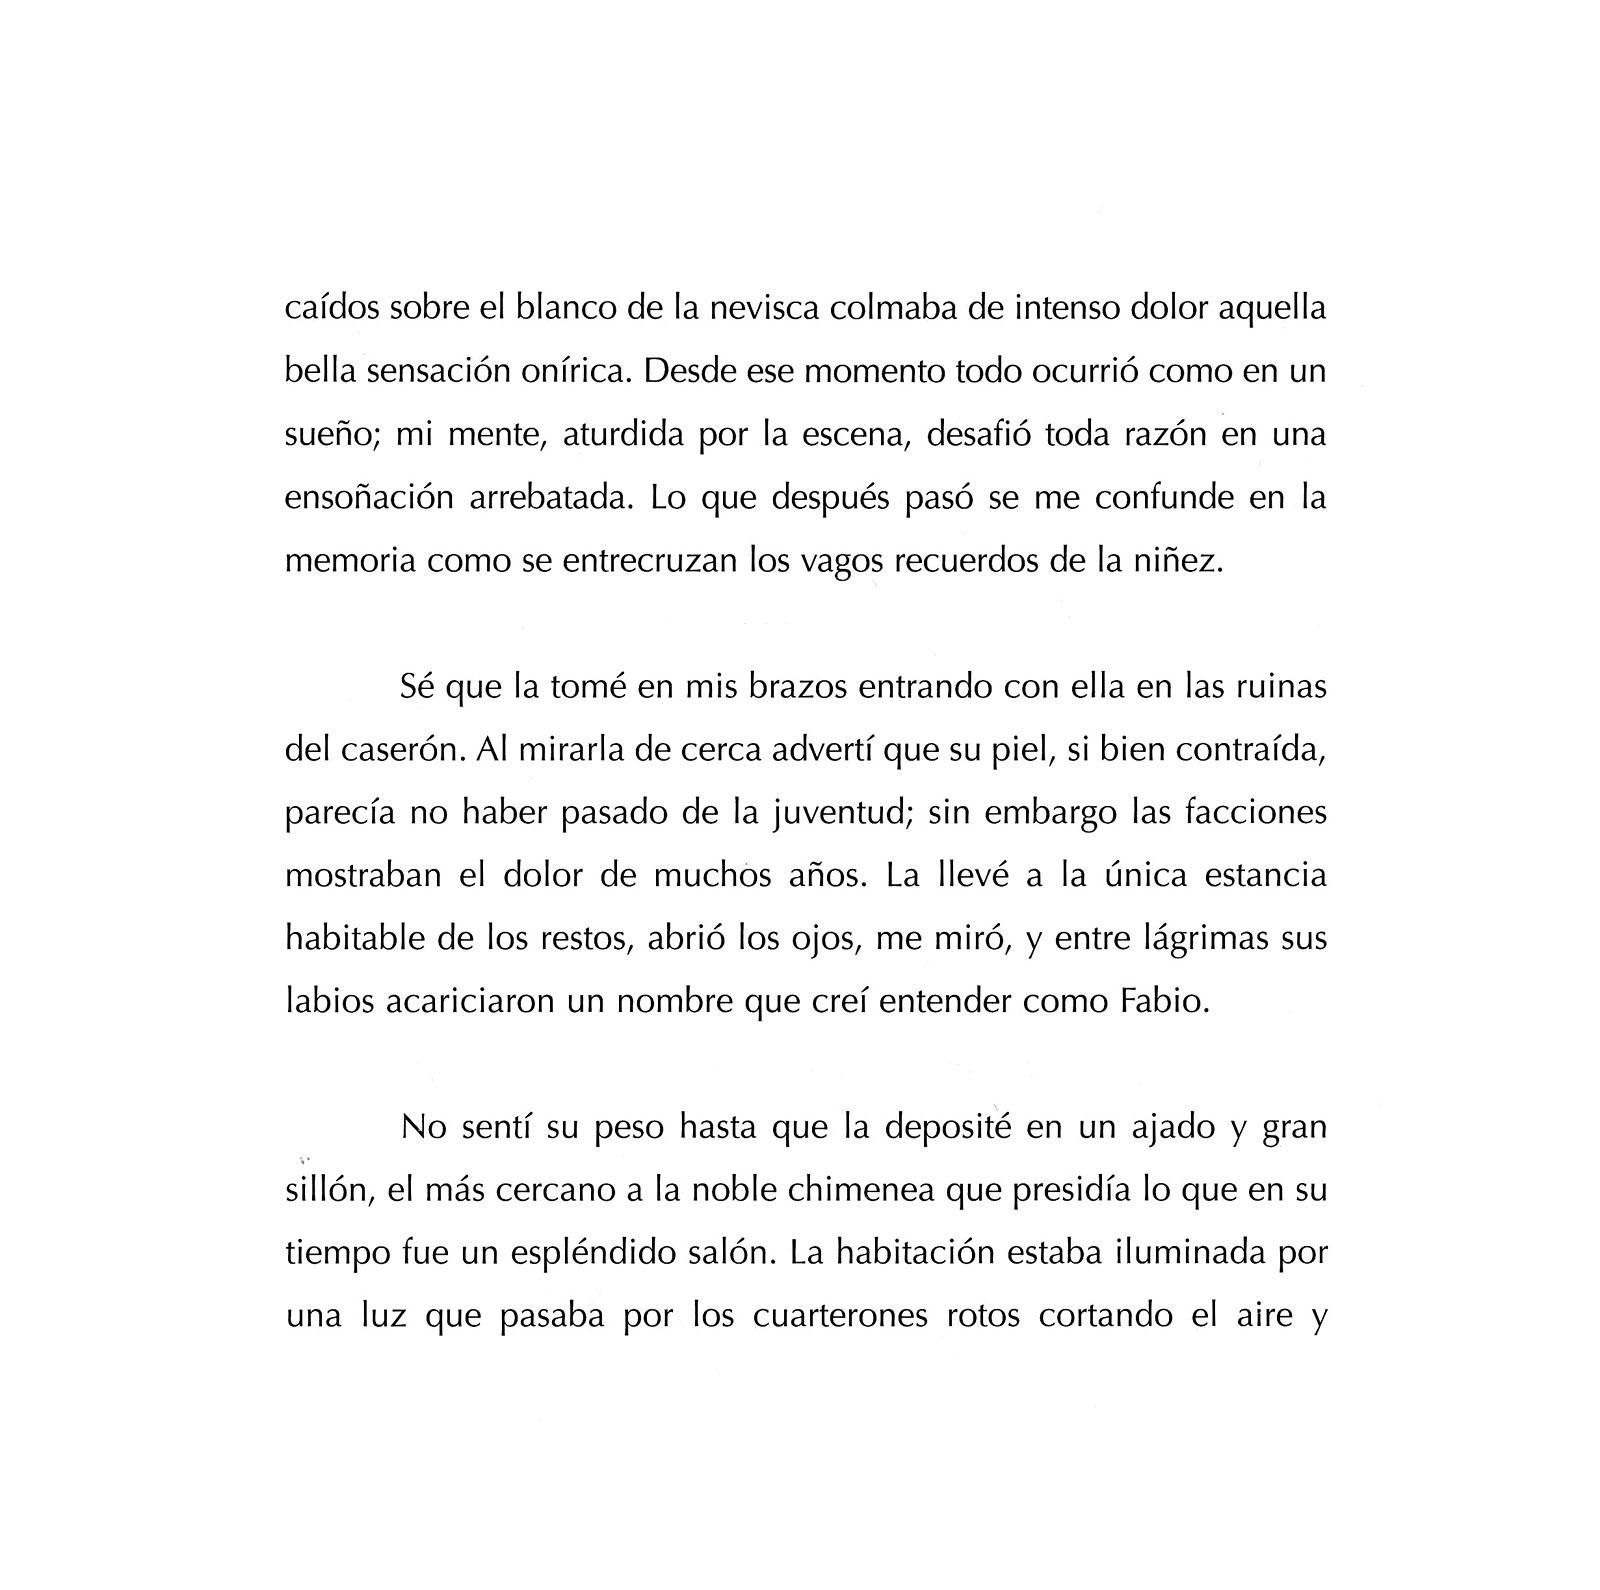 danielvillalobos-calderonsamaniego-shortnovel-spanishliterature-13